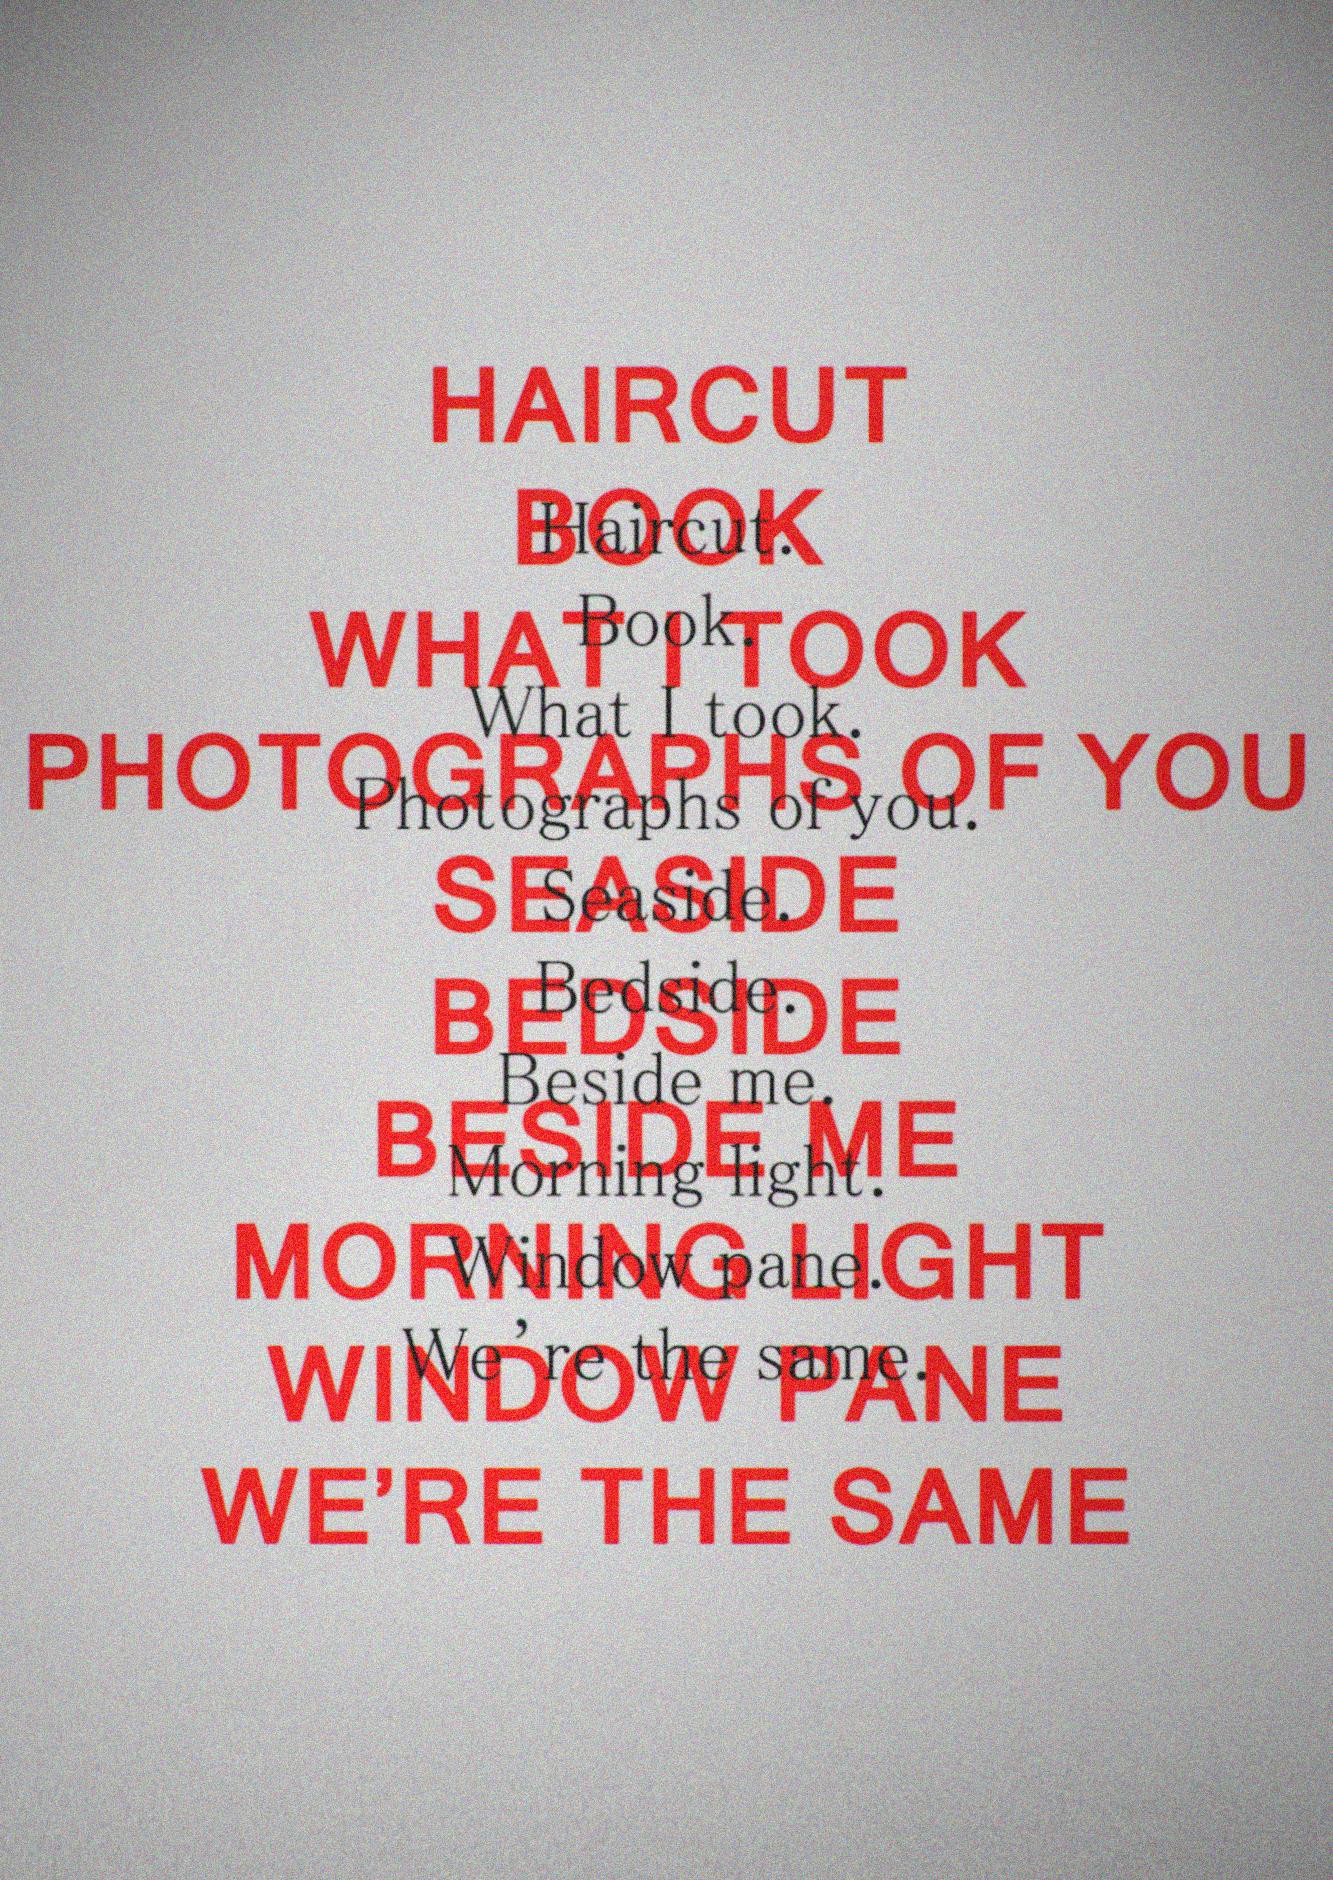 haircut book.jpg